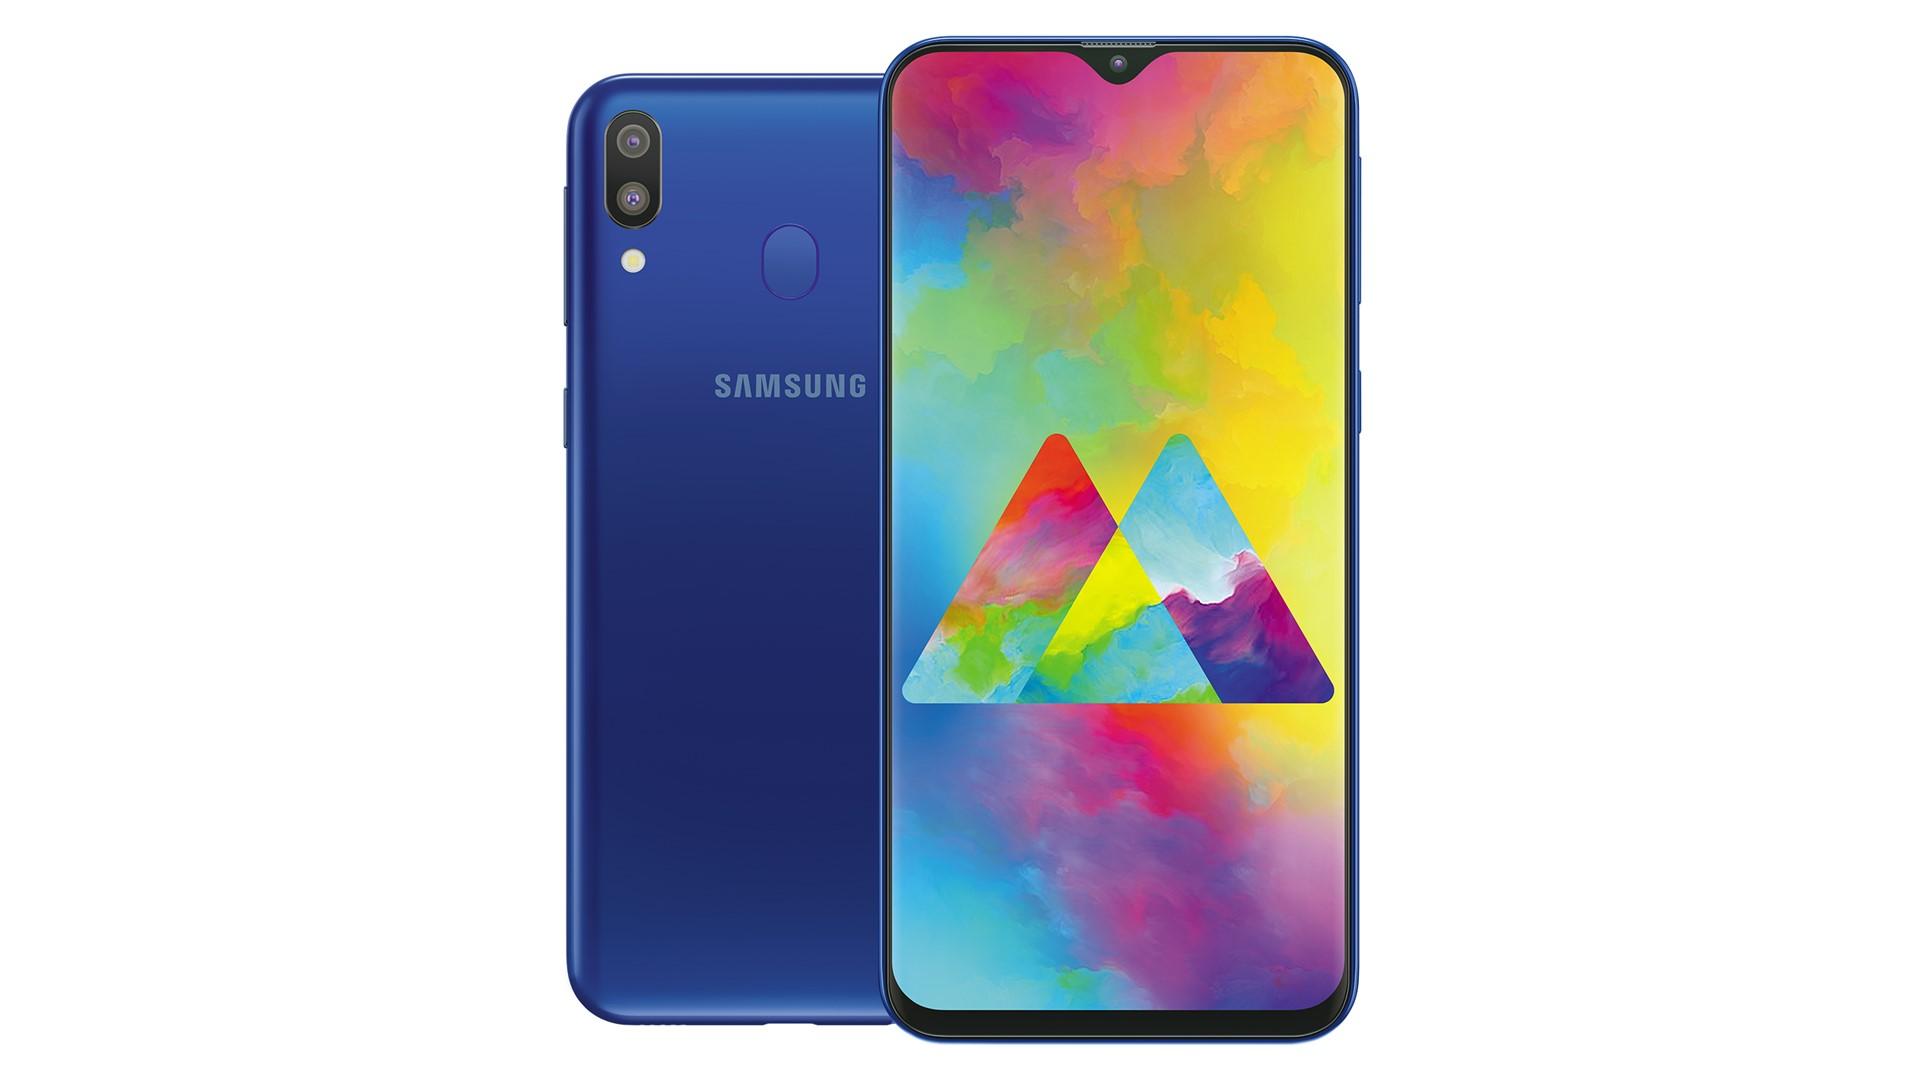 ▷ Los mejores teléfonos de menos de Rs 12,000 en India para agosto de 2019 6